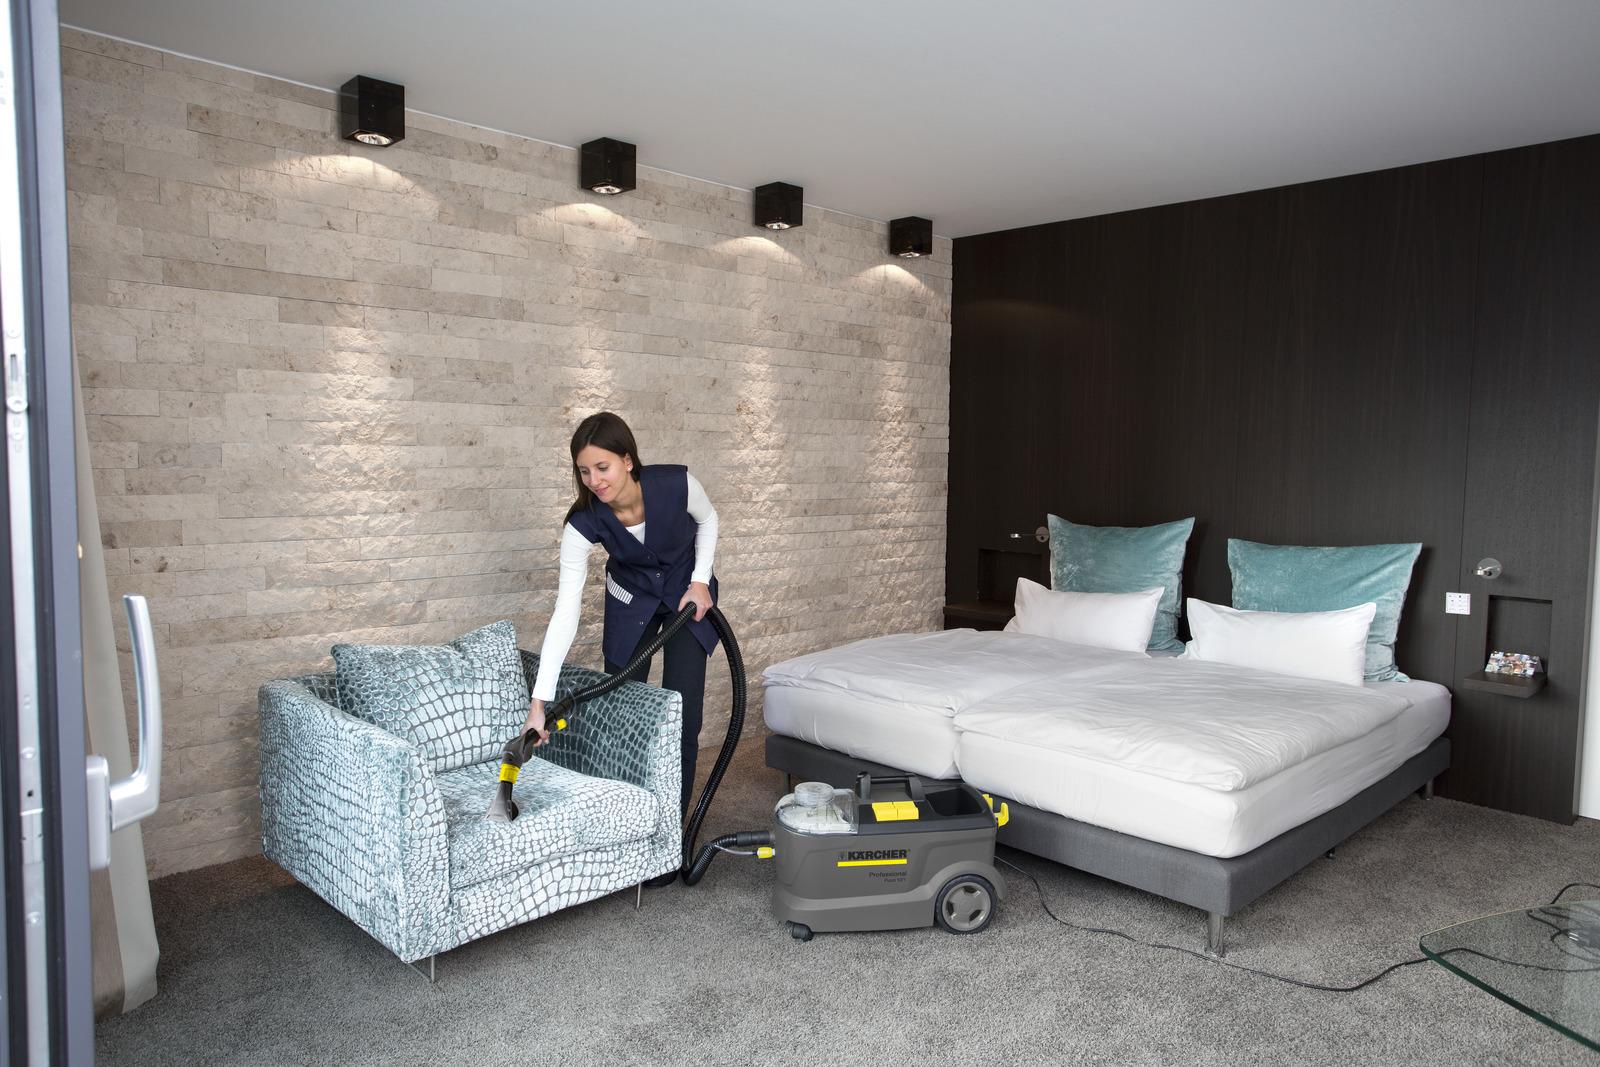 فرش و مبلشوی صنعتی مدل PUZZI 10/1 کارچر فرش شوی حرفه ای